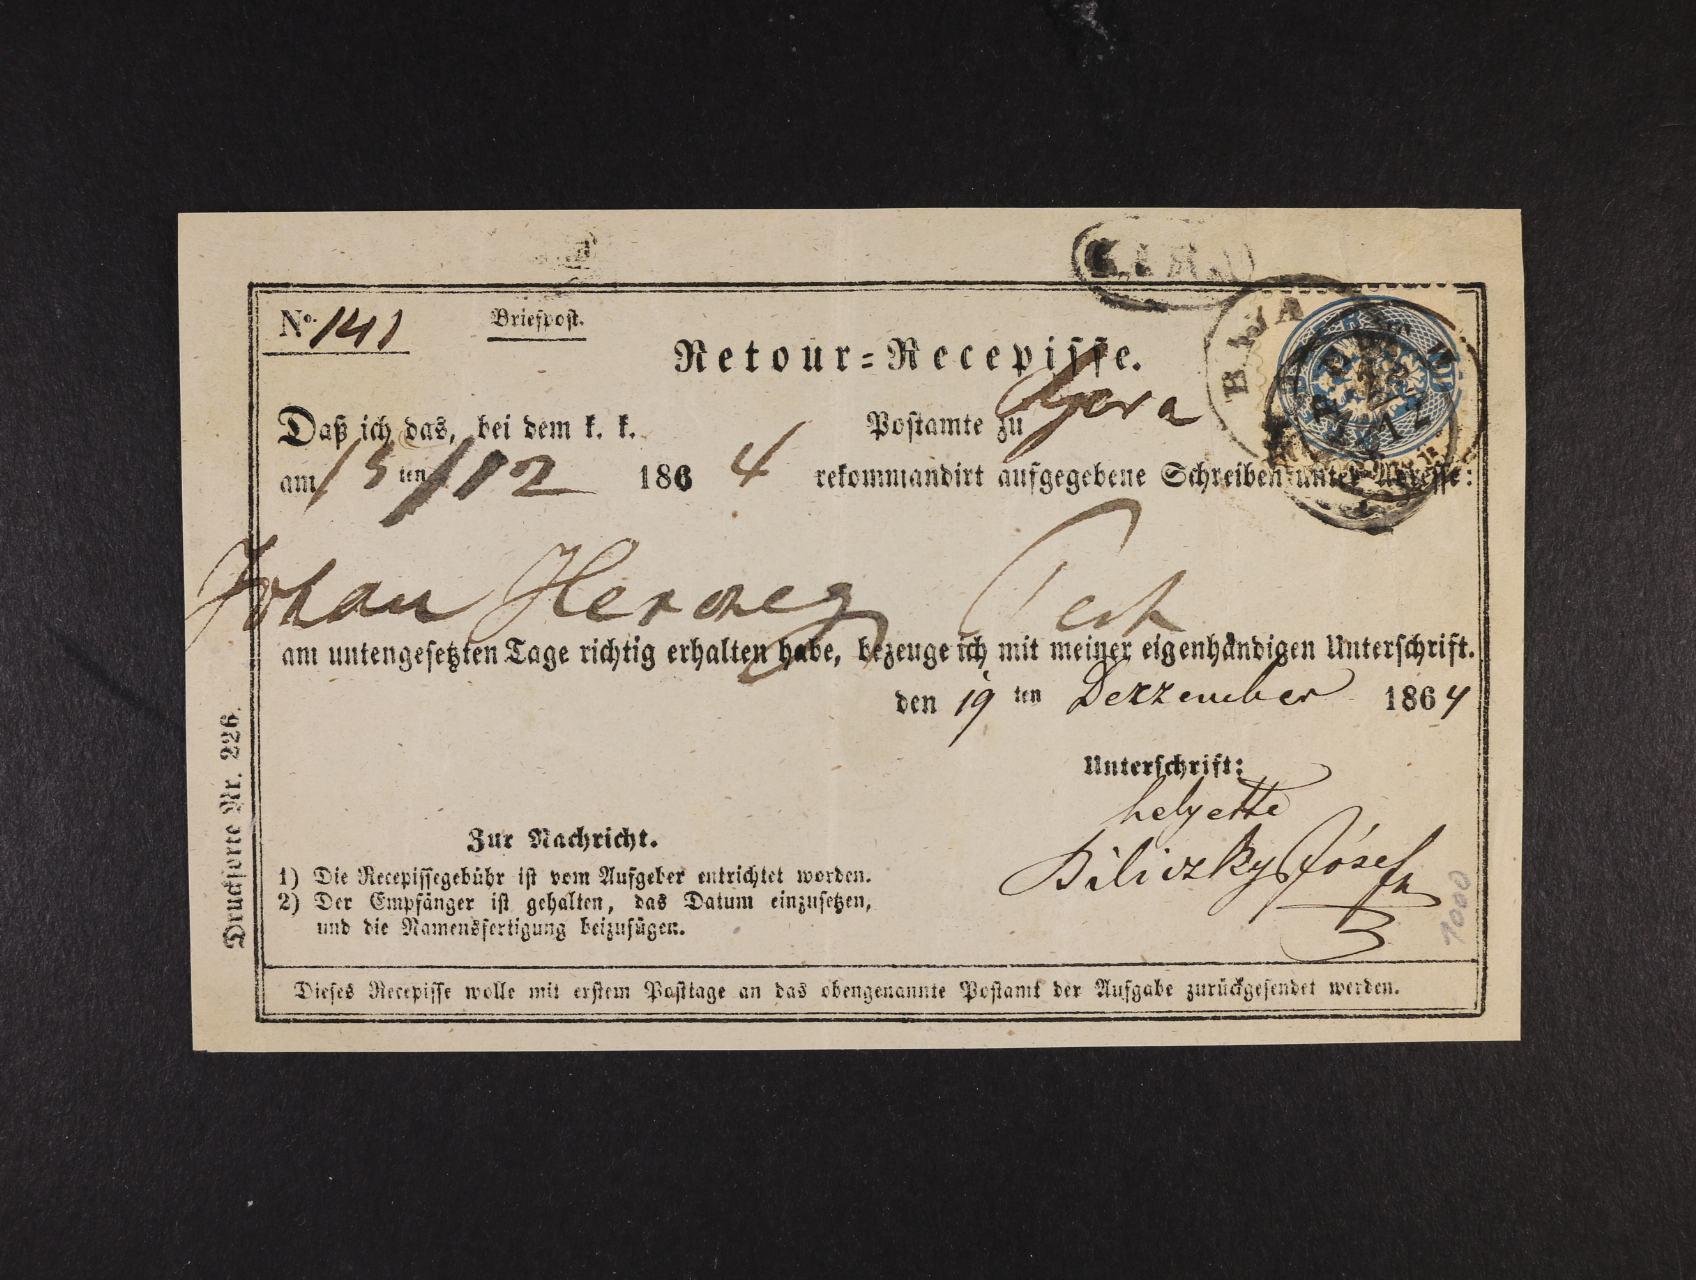 Retour=Recepisse frank. zn. Fe. č. 33 se třemi razítky a datací v textu 1864, zajímavé, 230 EUR